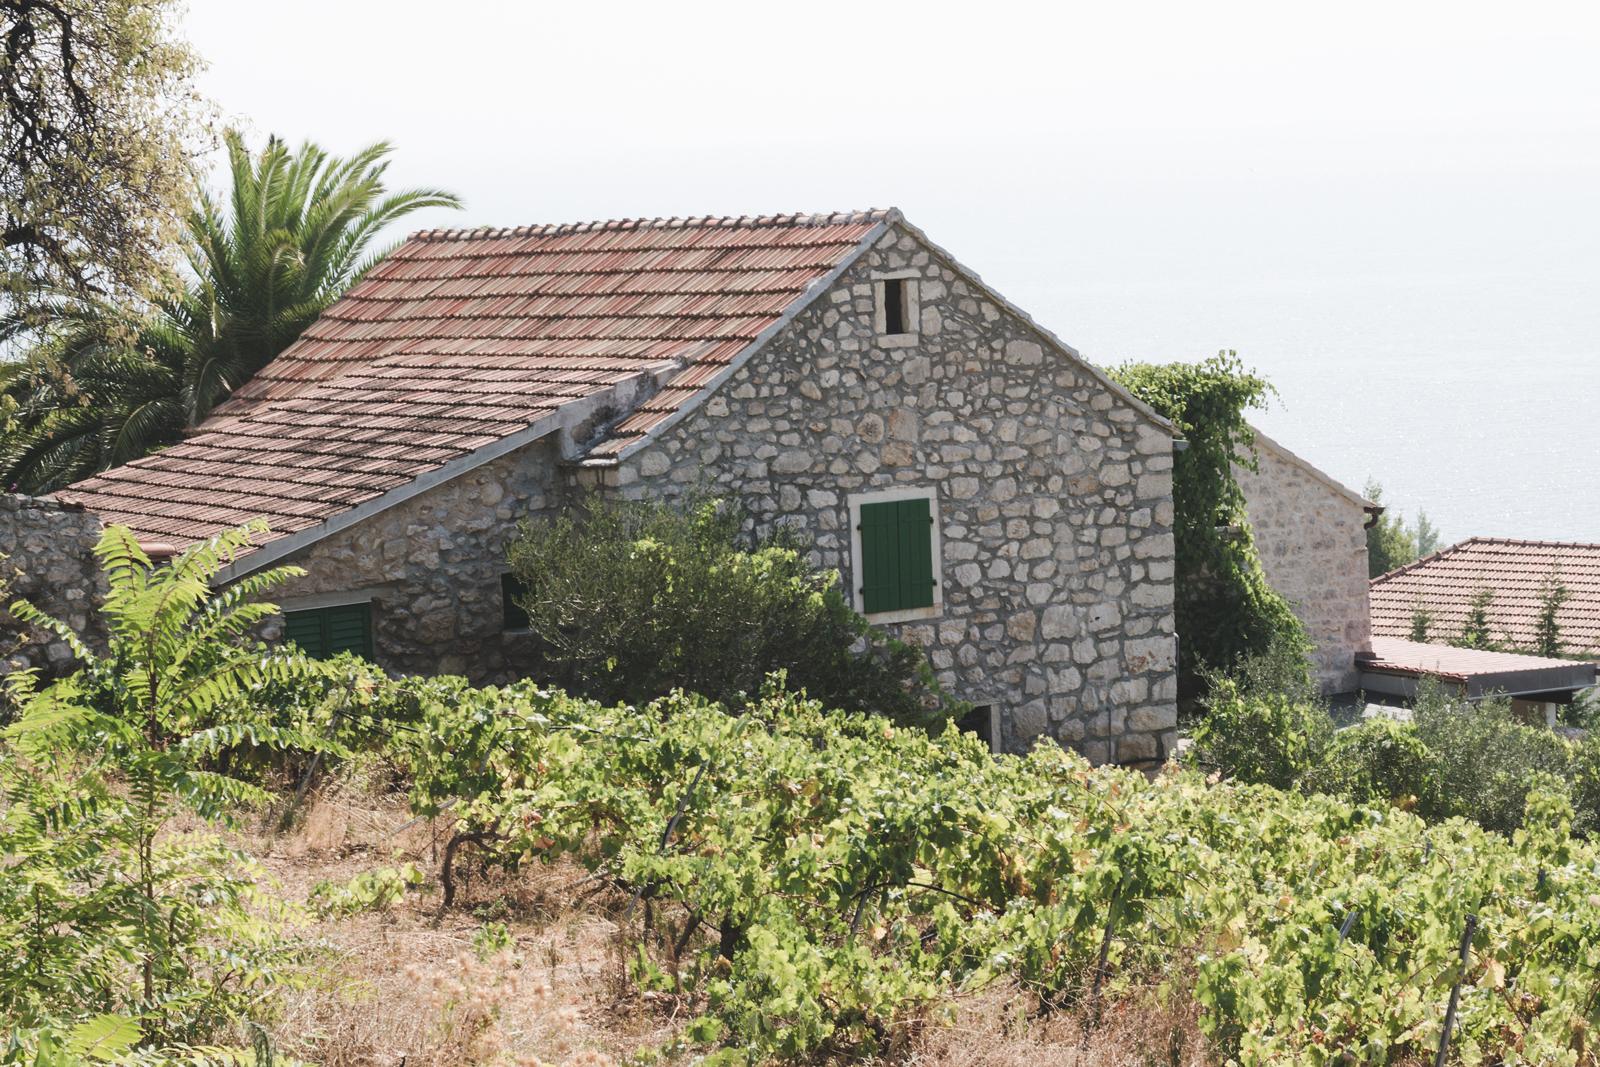 Vineyard in Zavala, Hvar - from travel blog http://Epepa.eu